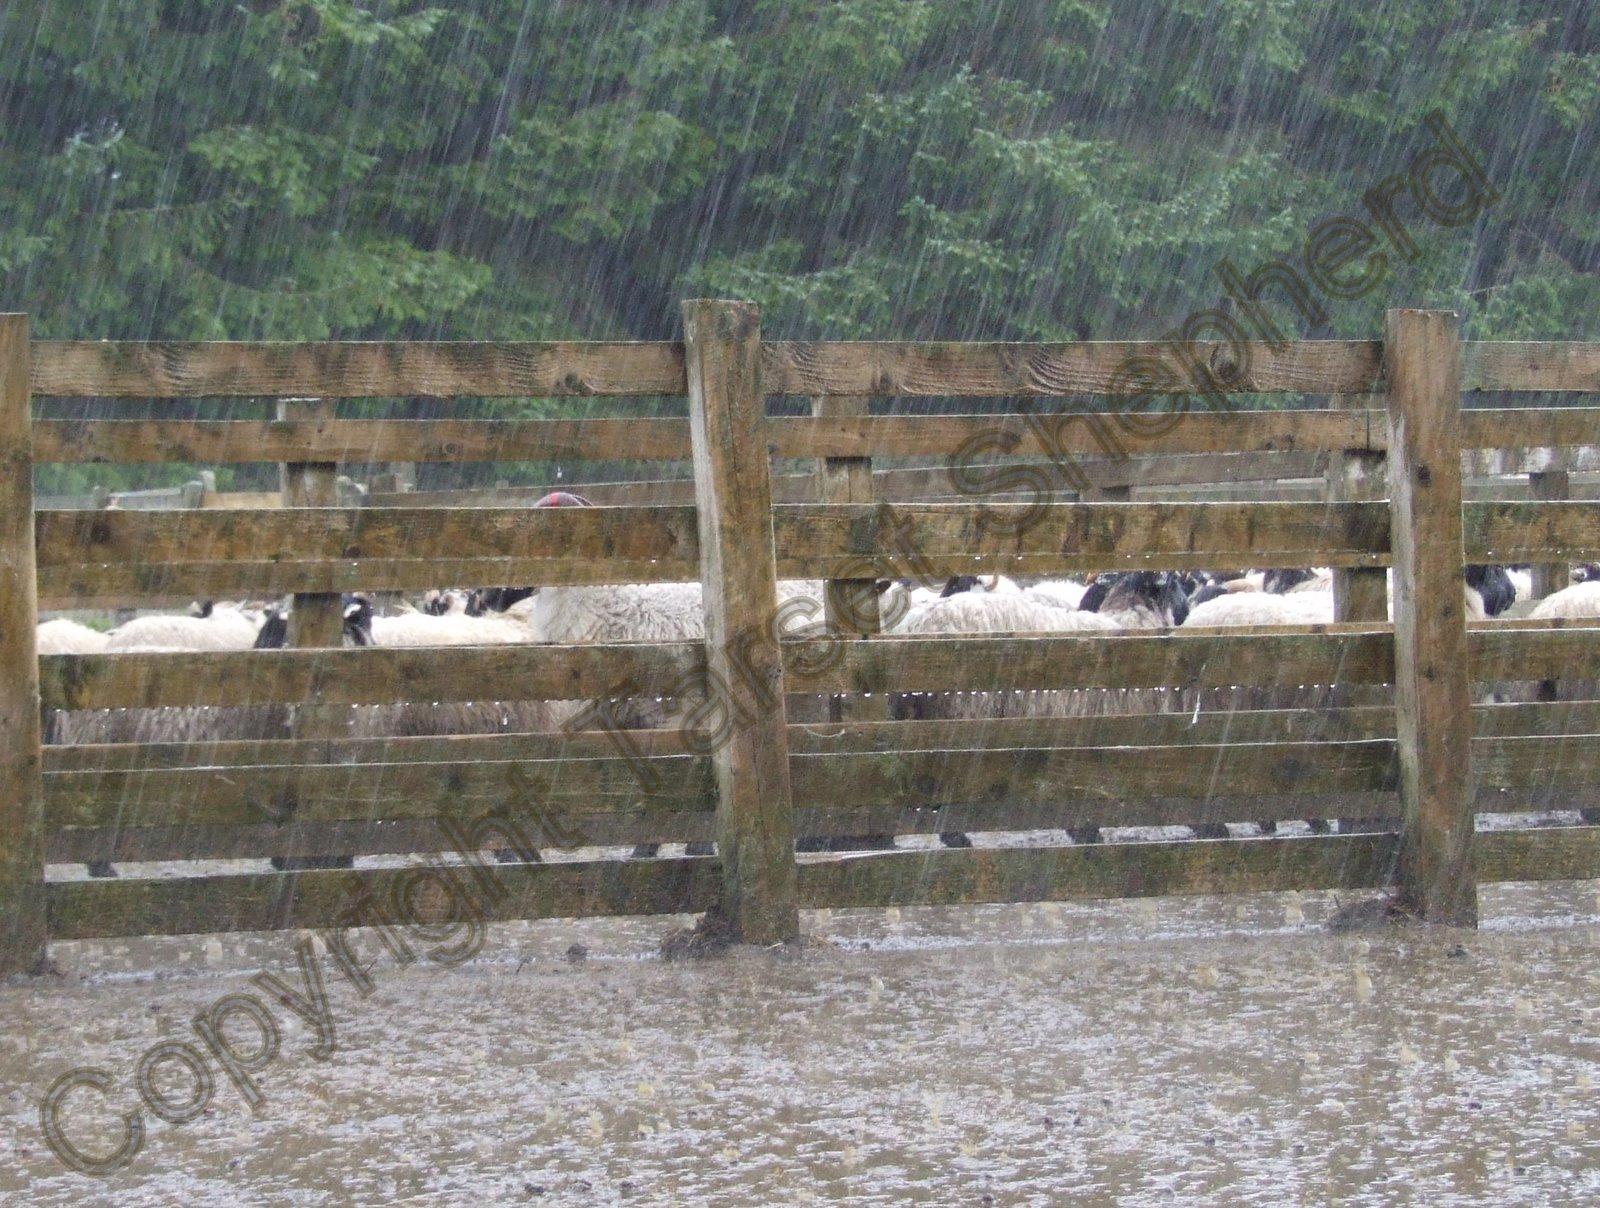 Shepherd's blog: Lambs away